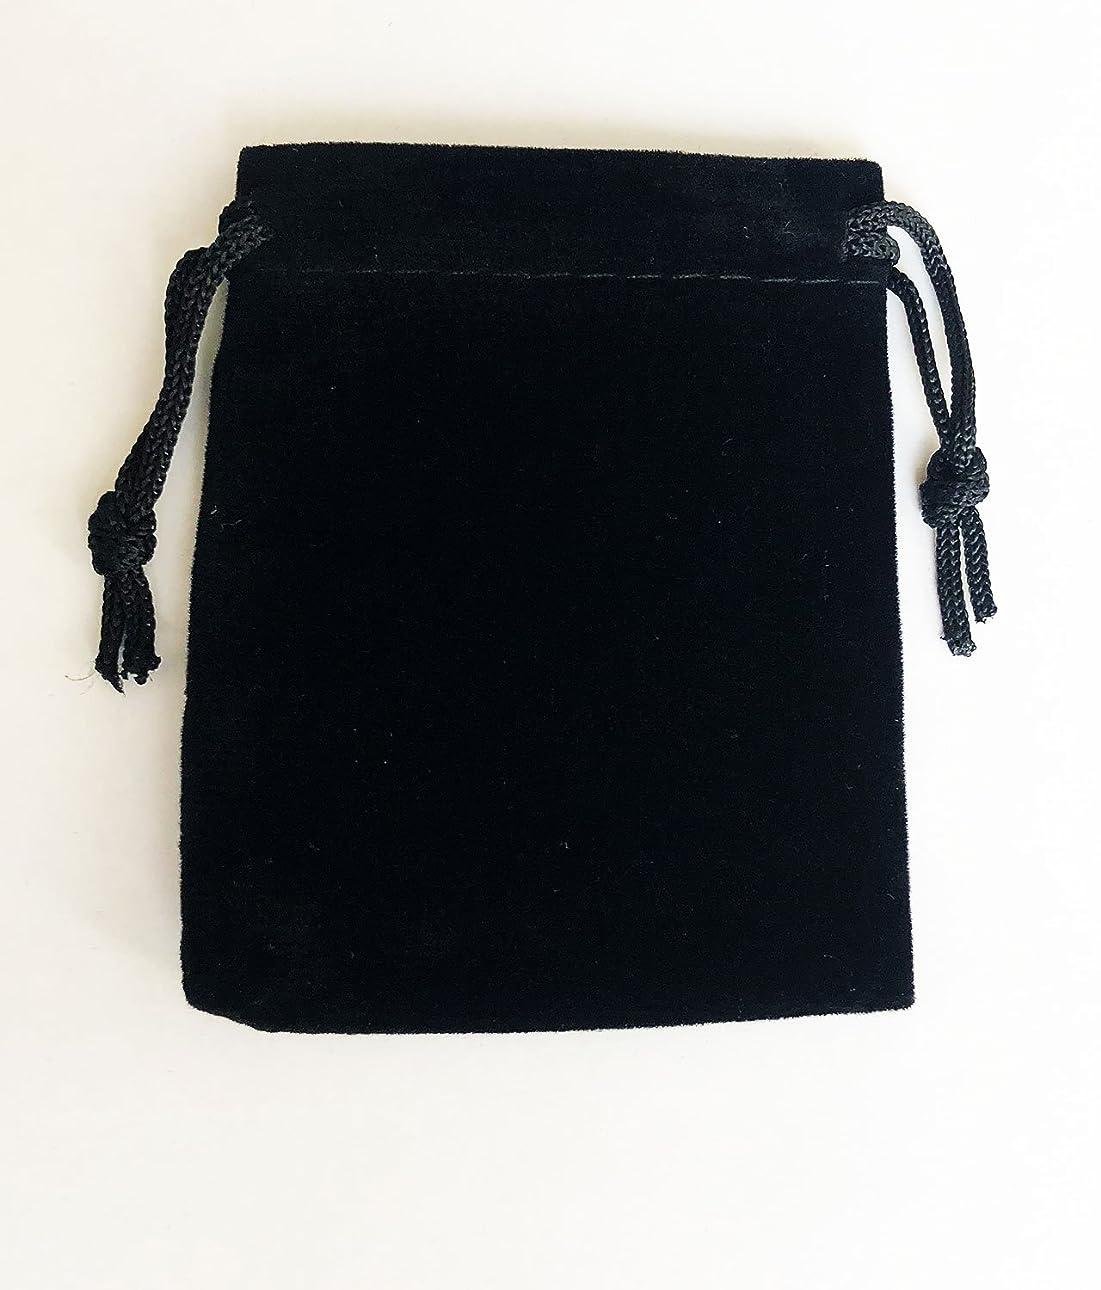 ジーンズ証明姉妹ジュエリーポーチ アクセサリー 保存袋 巾着袋 携帯用 高級ベロア調 プレゼント用ポーチ Sサイズ ブラック×5枚セット LocustOL 国内検品実施製品/安心の国内発送